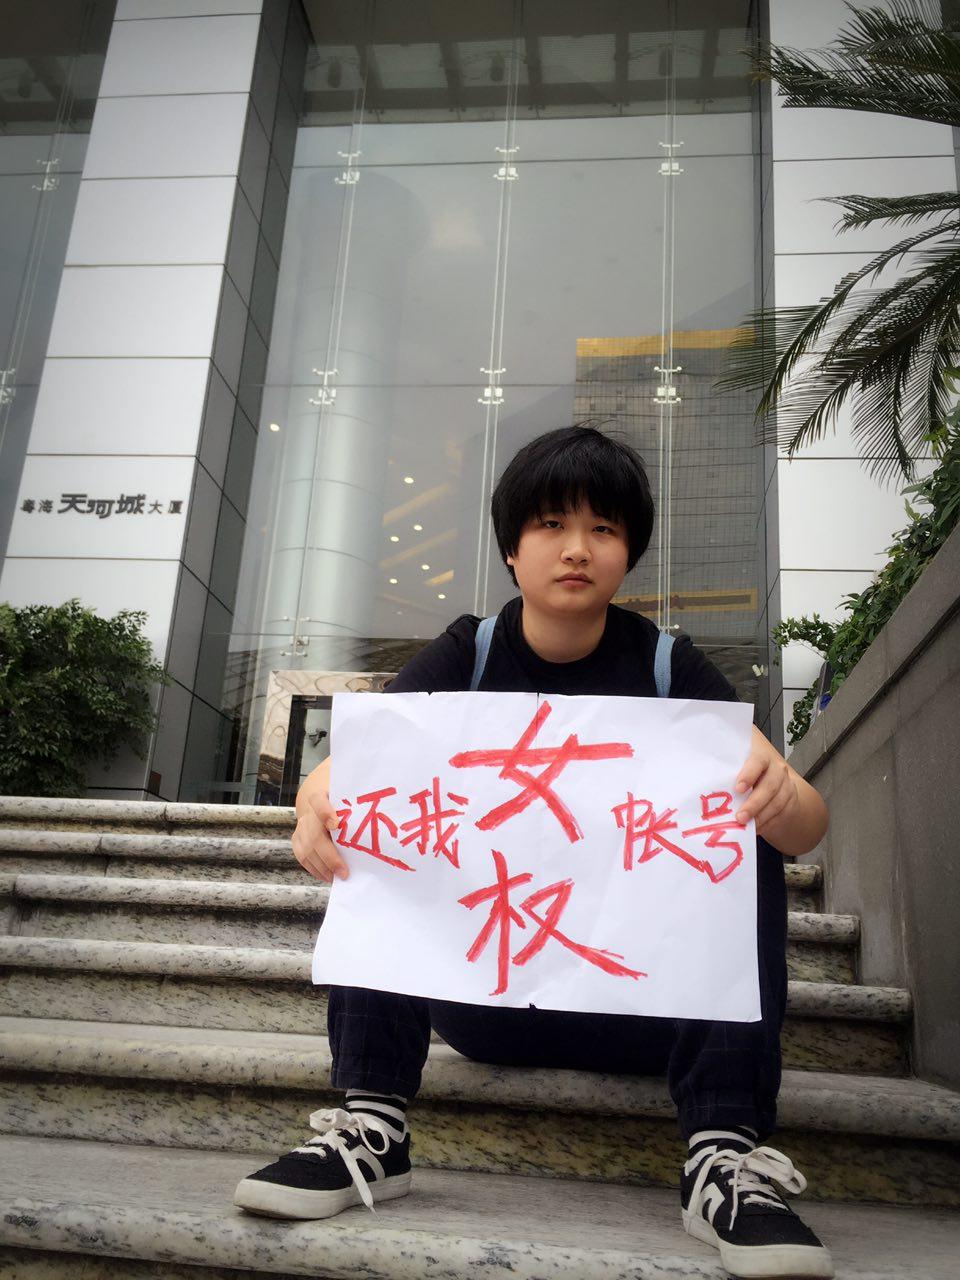 Zhang Leilei in front of Sina Corporation Guangzhou branch